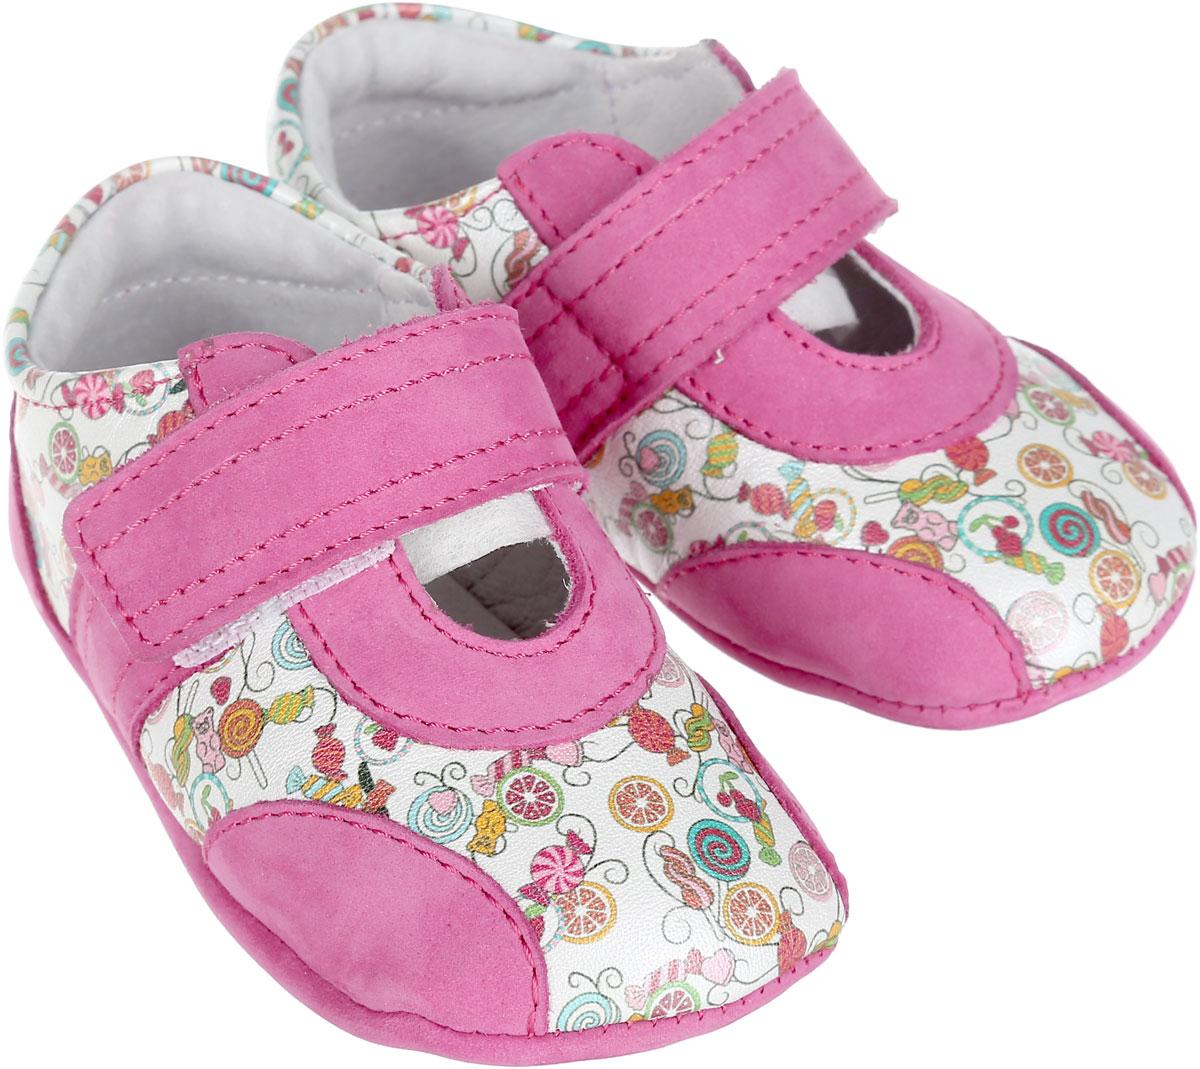 Пинетки для девочки Elegami, цвет: фуксия, белый. 7-801721501. Размер 177-801721501Пинетки для девочки Elegami станут отличным дополнением к гардеробу маленькой принцессы. Изделие выполнено из натуральной кожи разной фактуры.Пинетки дополнены хлястиками с застежками-липучками, которые надежно фиксируют их на ножке ребенка. Модель оформлена принтом с изображением различных сладостей. Натуральные и комфортные материалы делают модель практичной и популярной. Такие пинетки - отличное решение для малышей и их родителей!